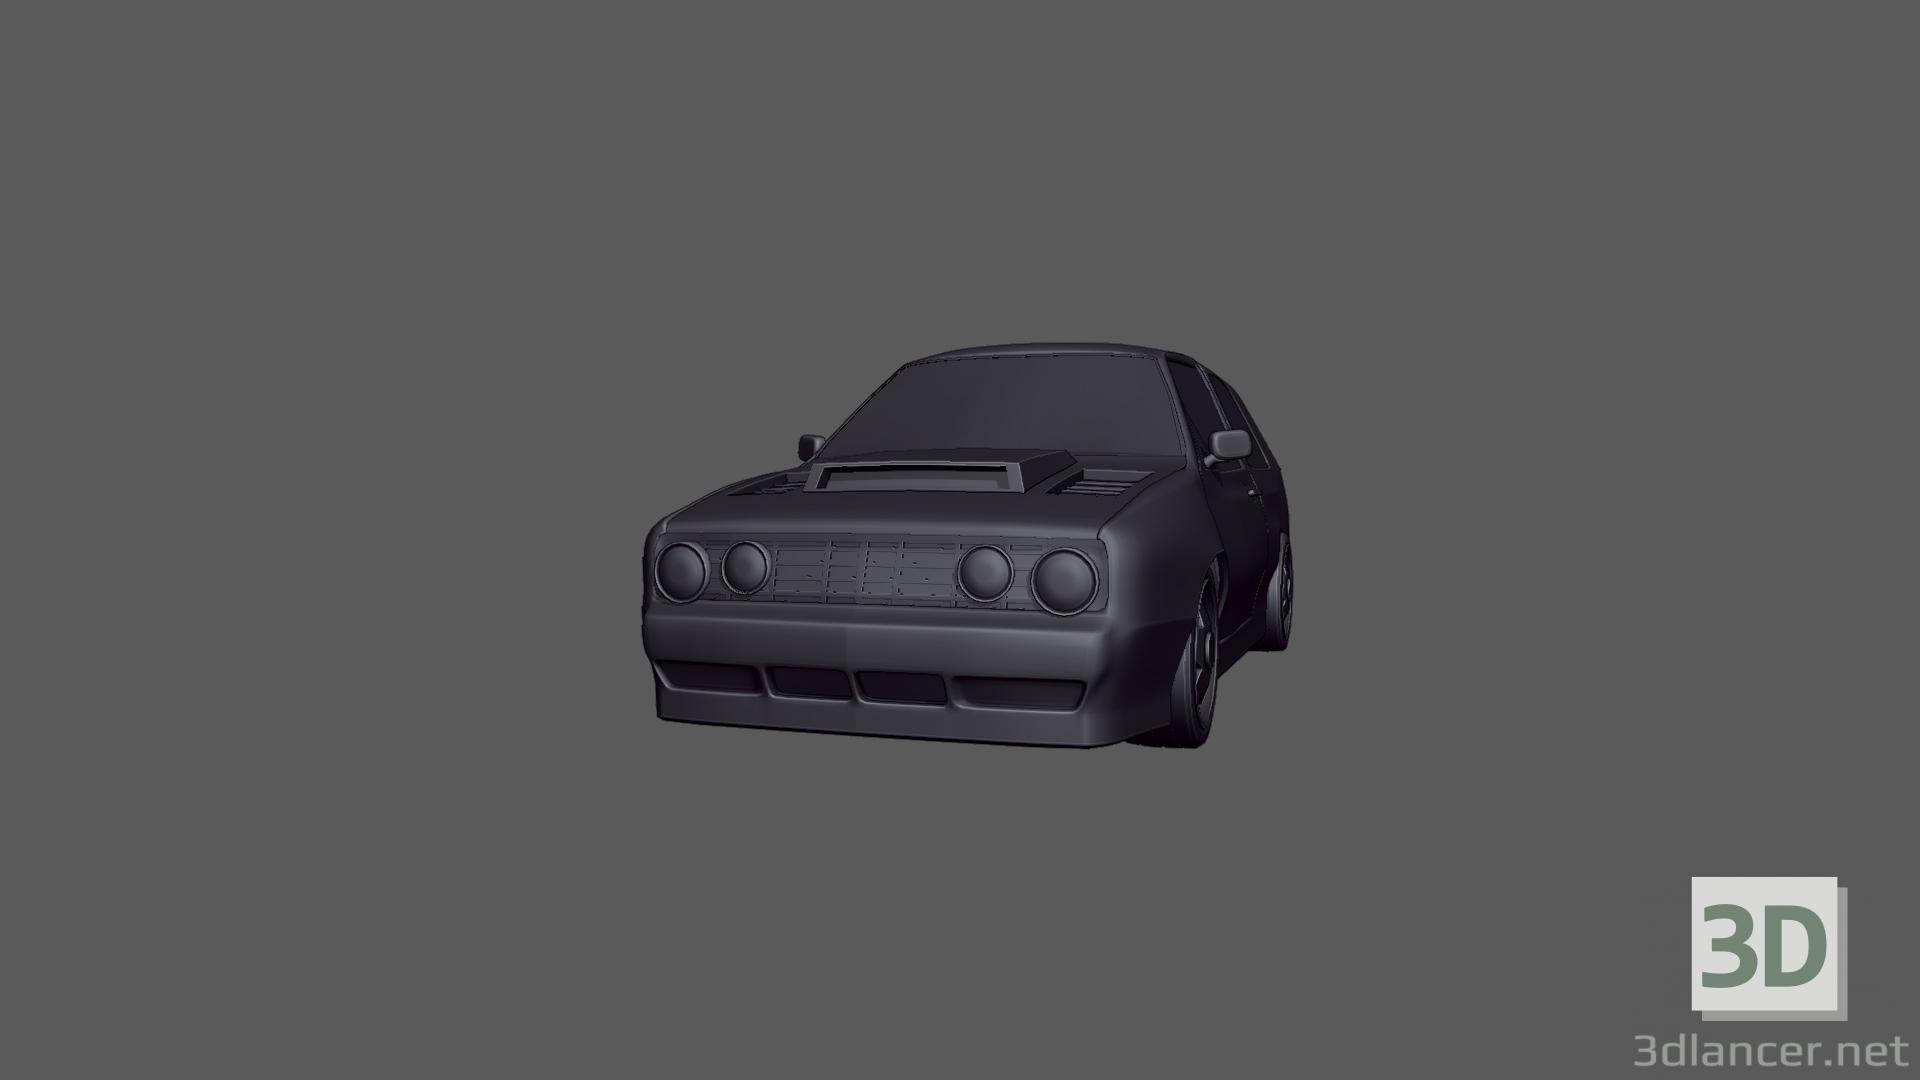 3d 1992 Volkswagen Golf GTI model buy - render